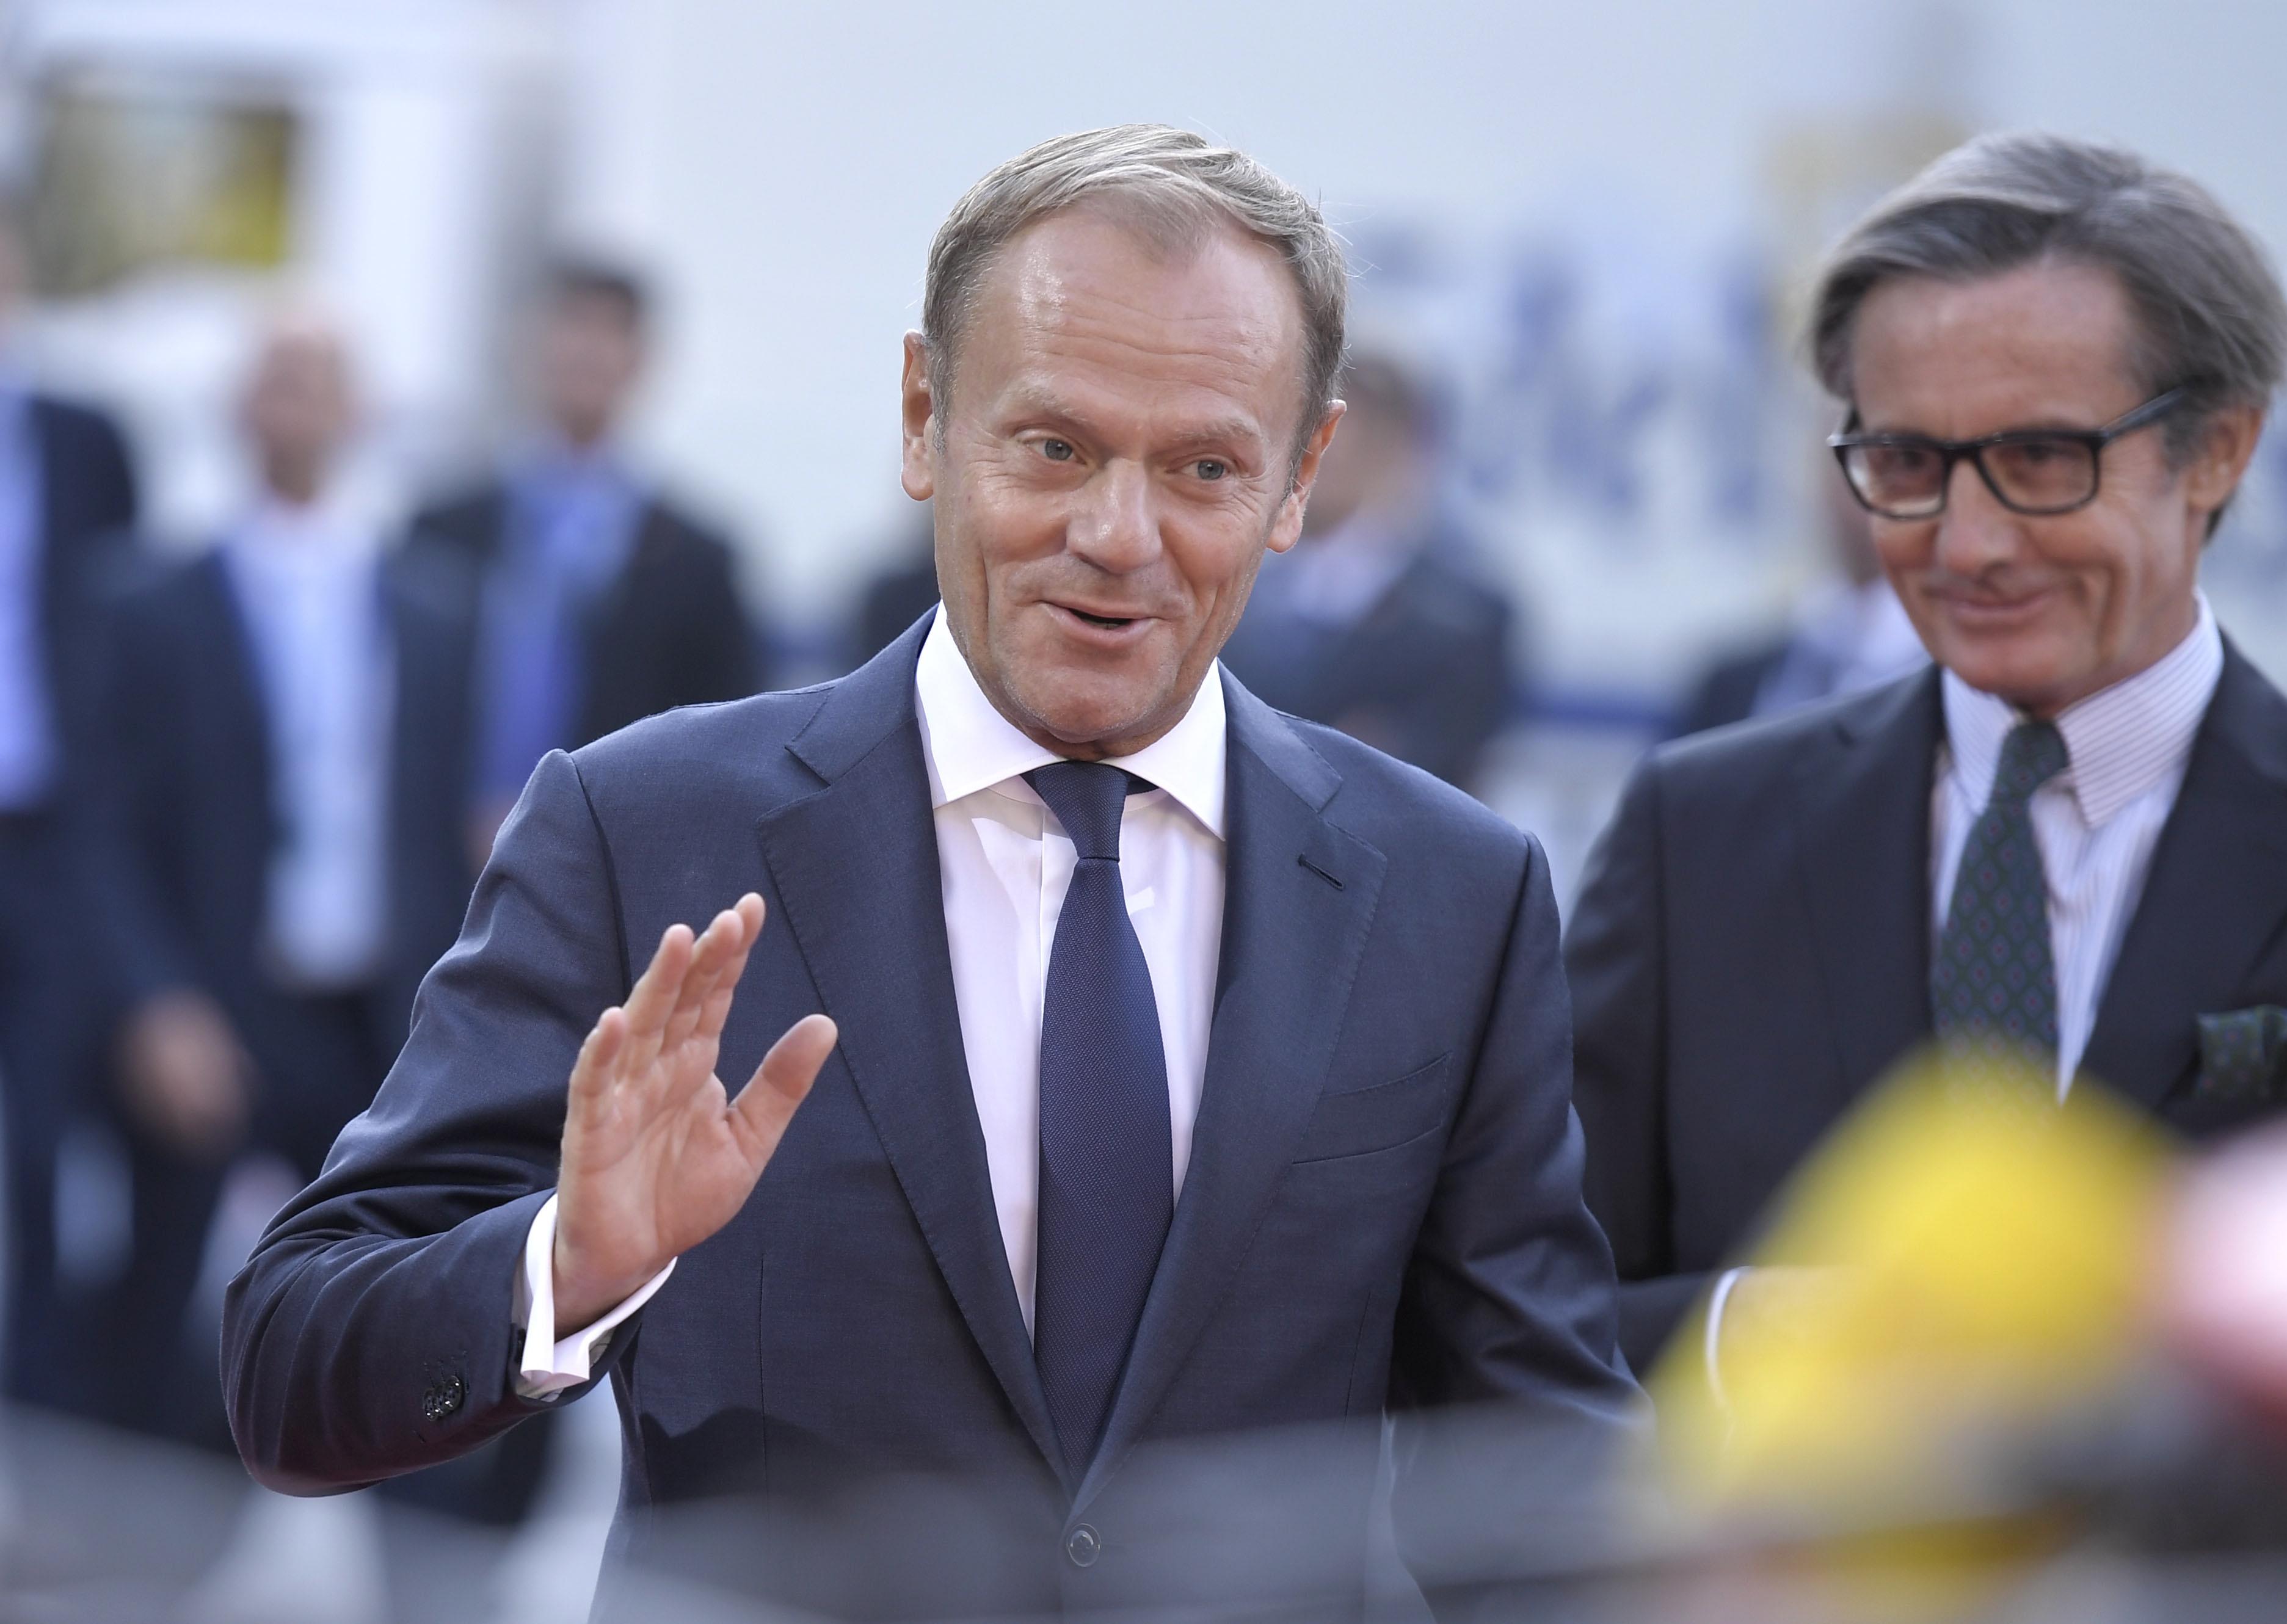 TUSK 'Nismo suglasni, ali svi želimo zaustaviti ilegalne migrante'